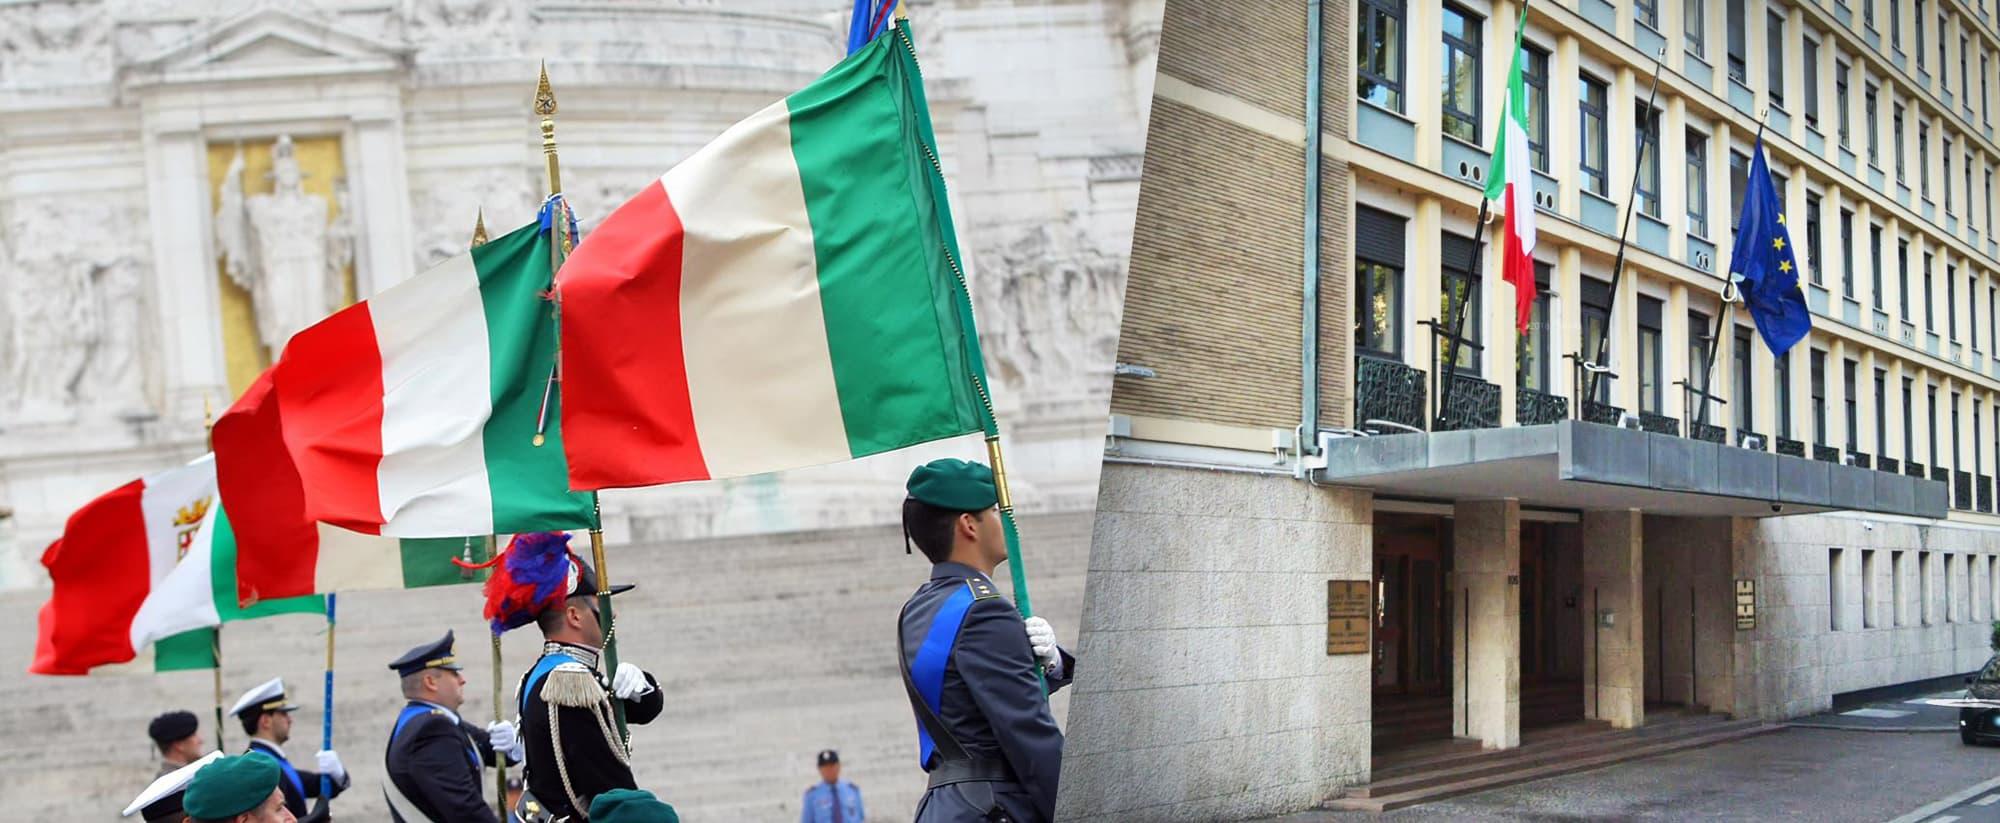 Militari rRiformati moltiplicatore udienza 10 aprile 2019 lo studio Chessa interviene davanti alle sezioni riunite centrali presso la Corte dei Conti Roma